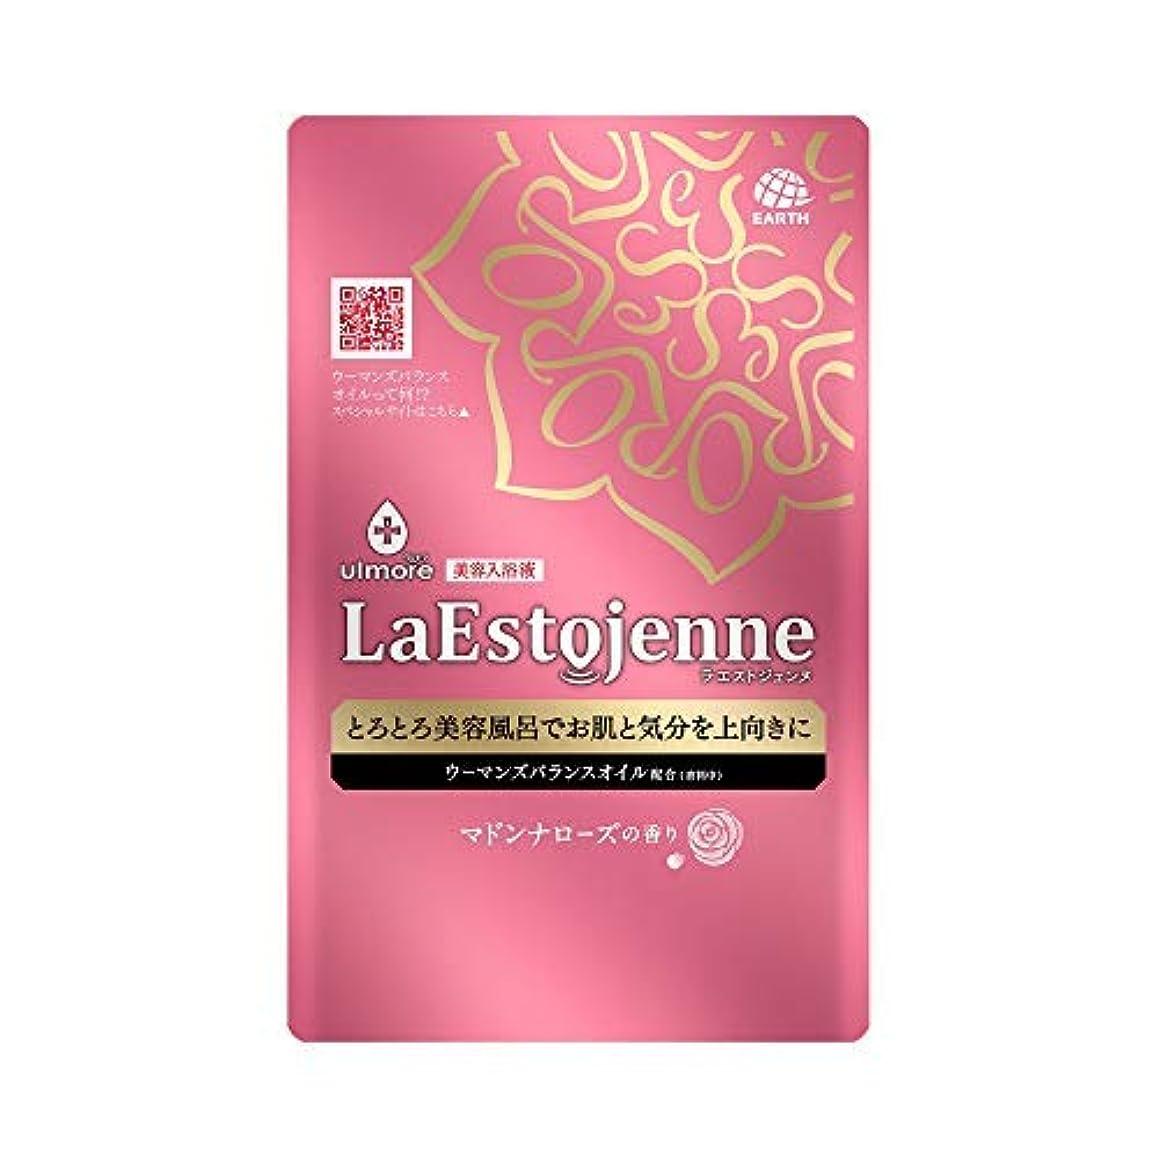 服を着るミュウミュウのれんウルモア ラエストジェンヌ マドンナローズの香り 1包 × 2個セット